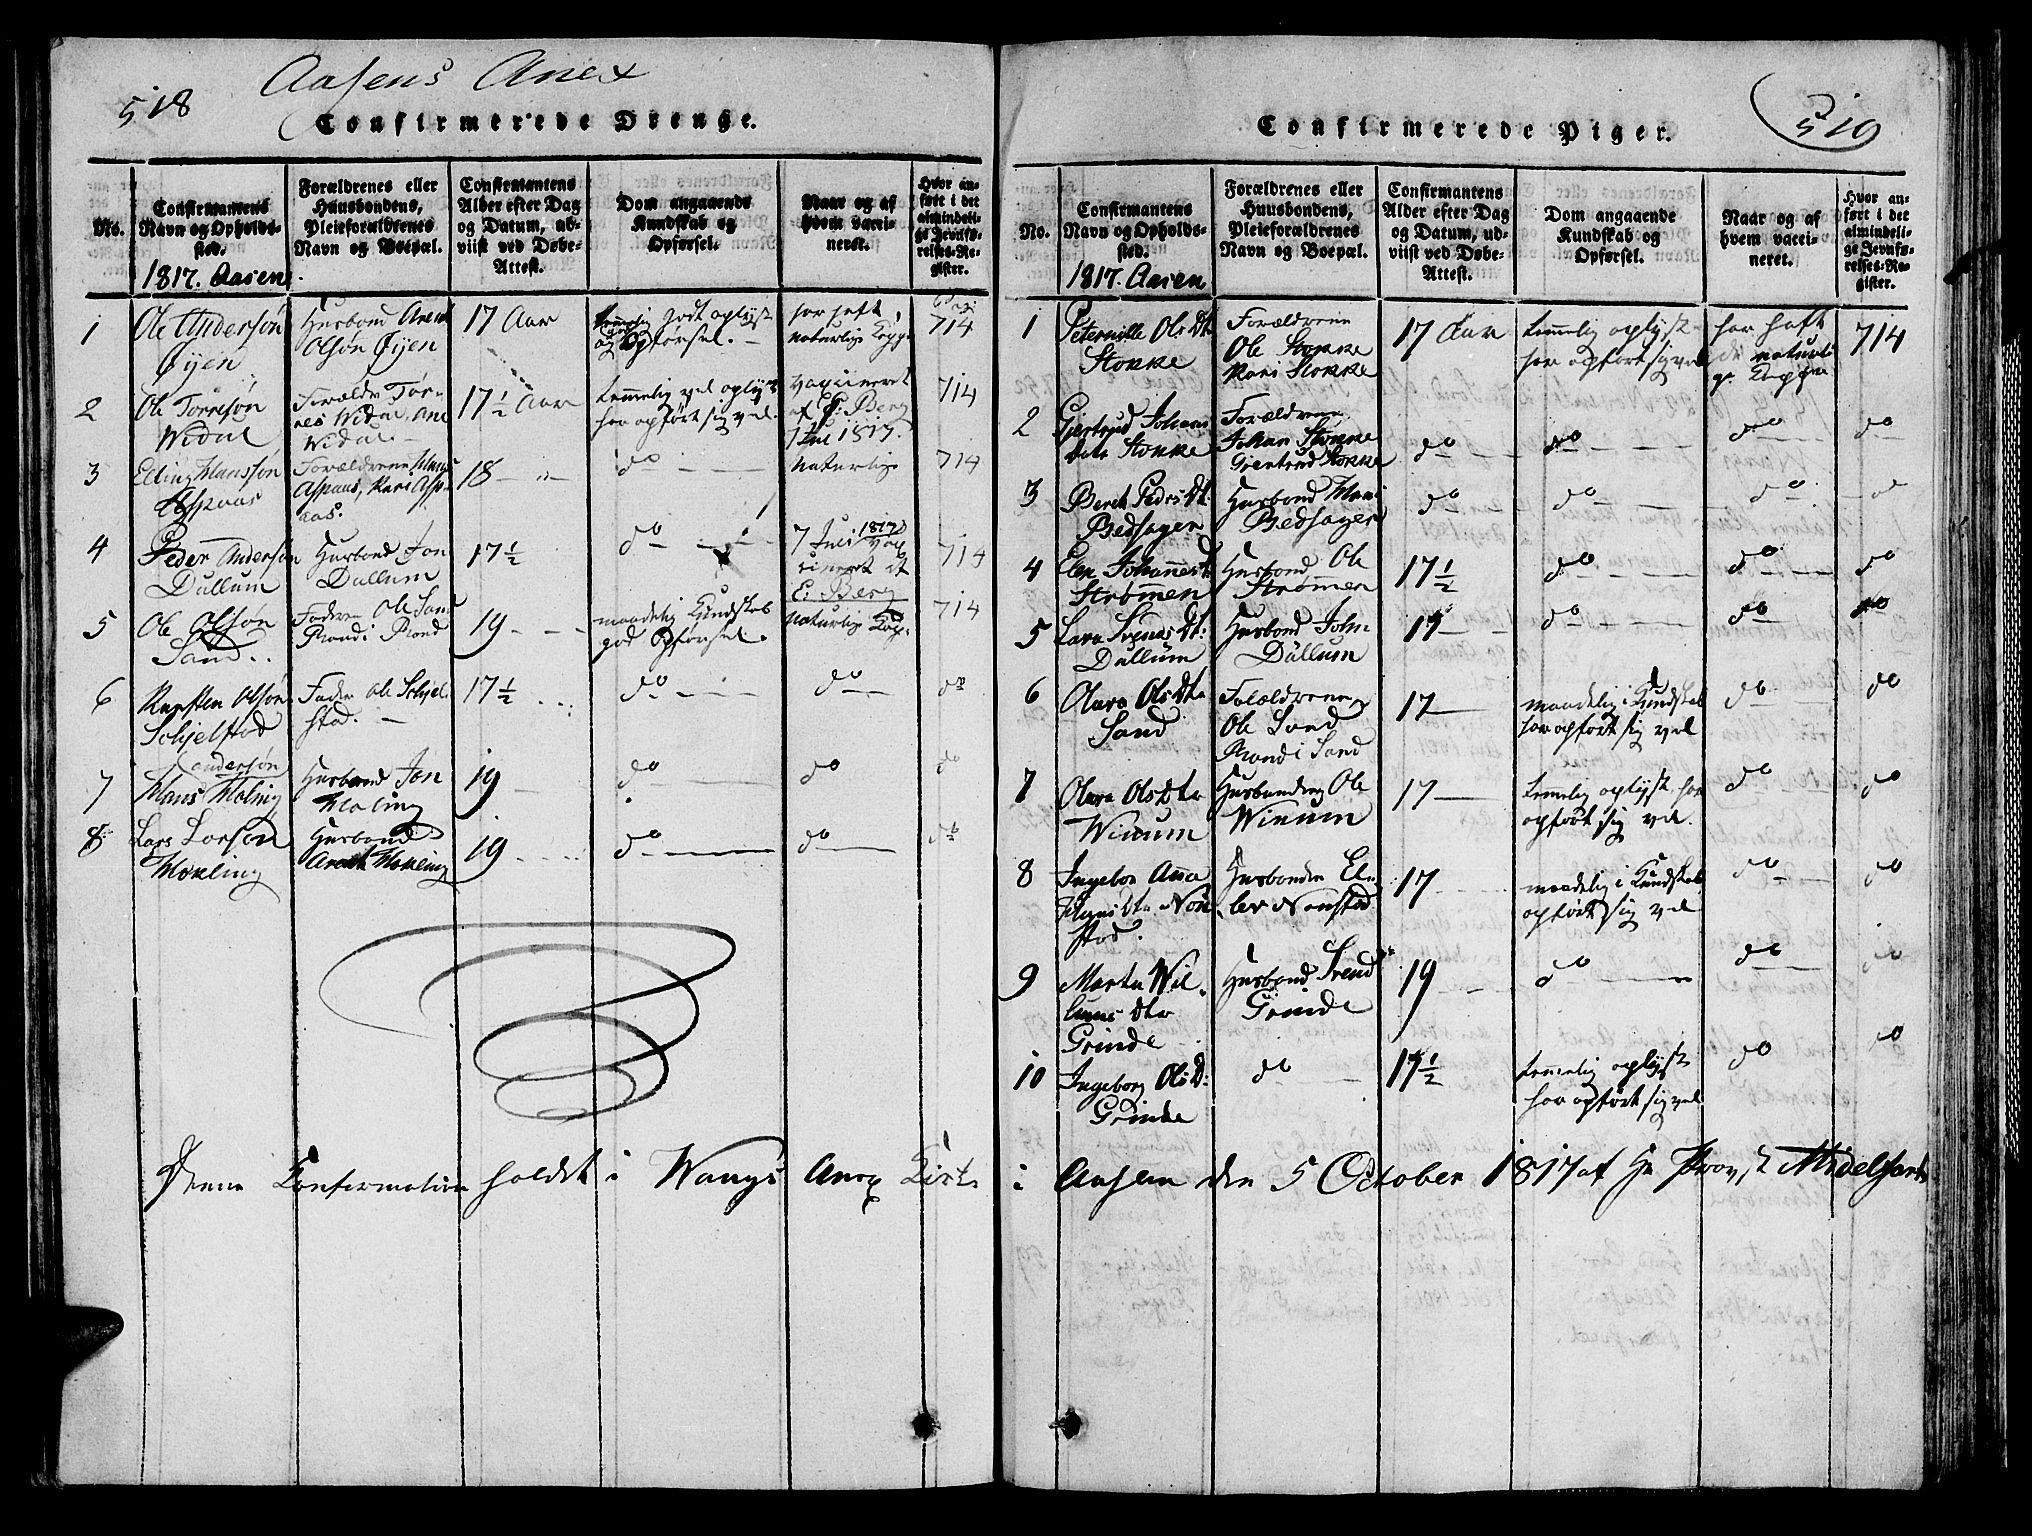 SAT, Ministerialprotokoller, klokkerbøker og fødselsregistre - Nord-Trøndelag, 713/L0112: Ministerialbok nr. 713A04 /2, 1817-1827, s. 518-519